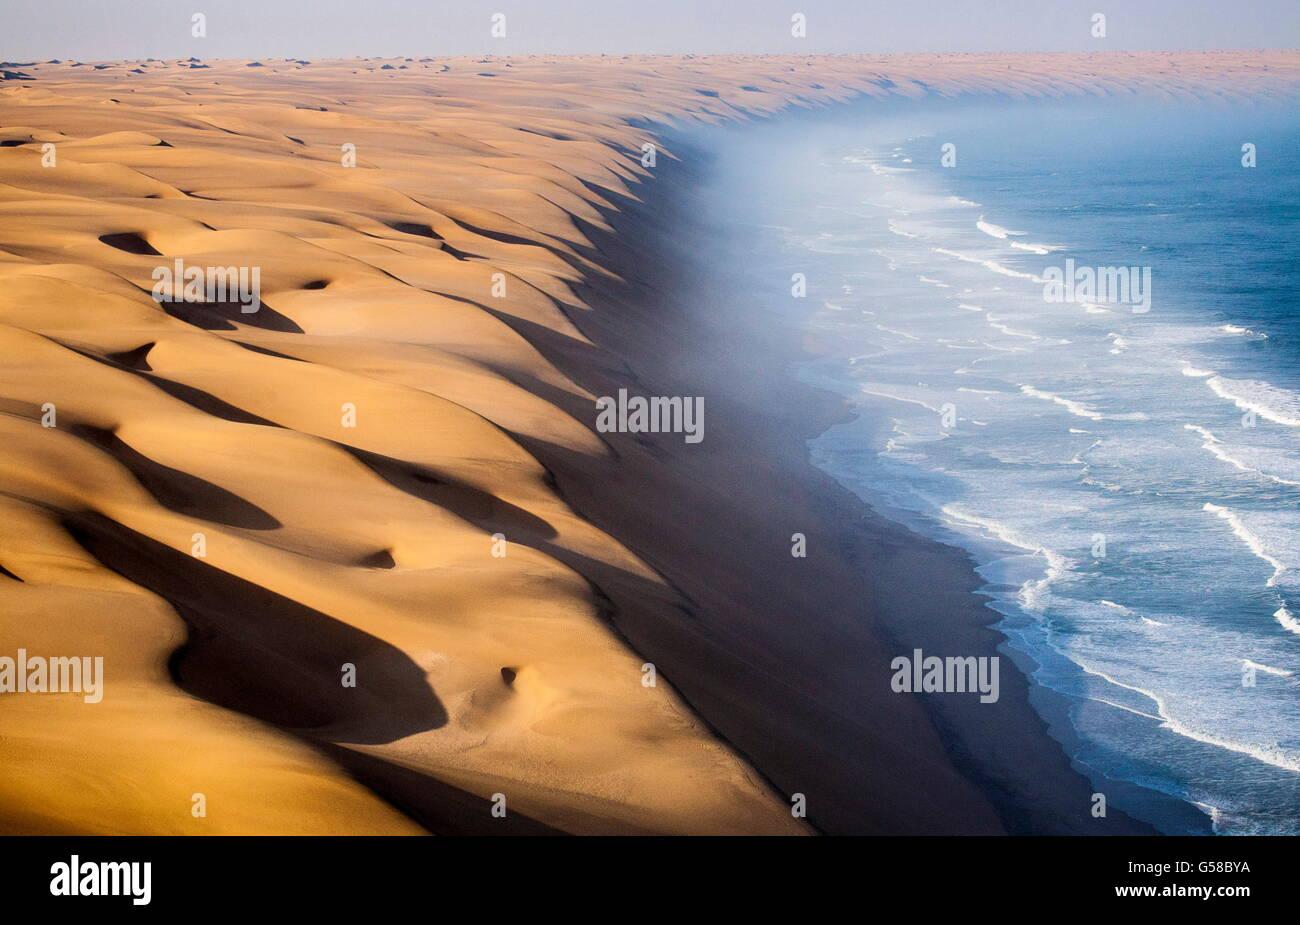 Les vagues de l'océan Atlantique l'avance vers les dunes de sable du désert du Namib Namibie Afrique du Sud Banque D'Images